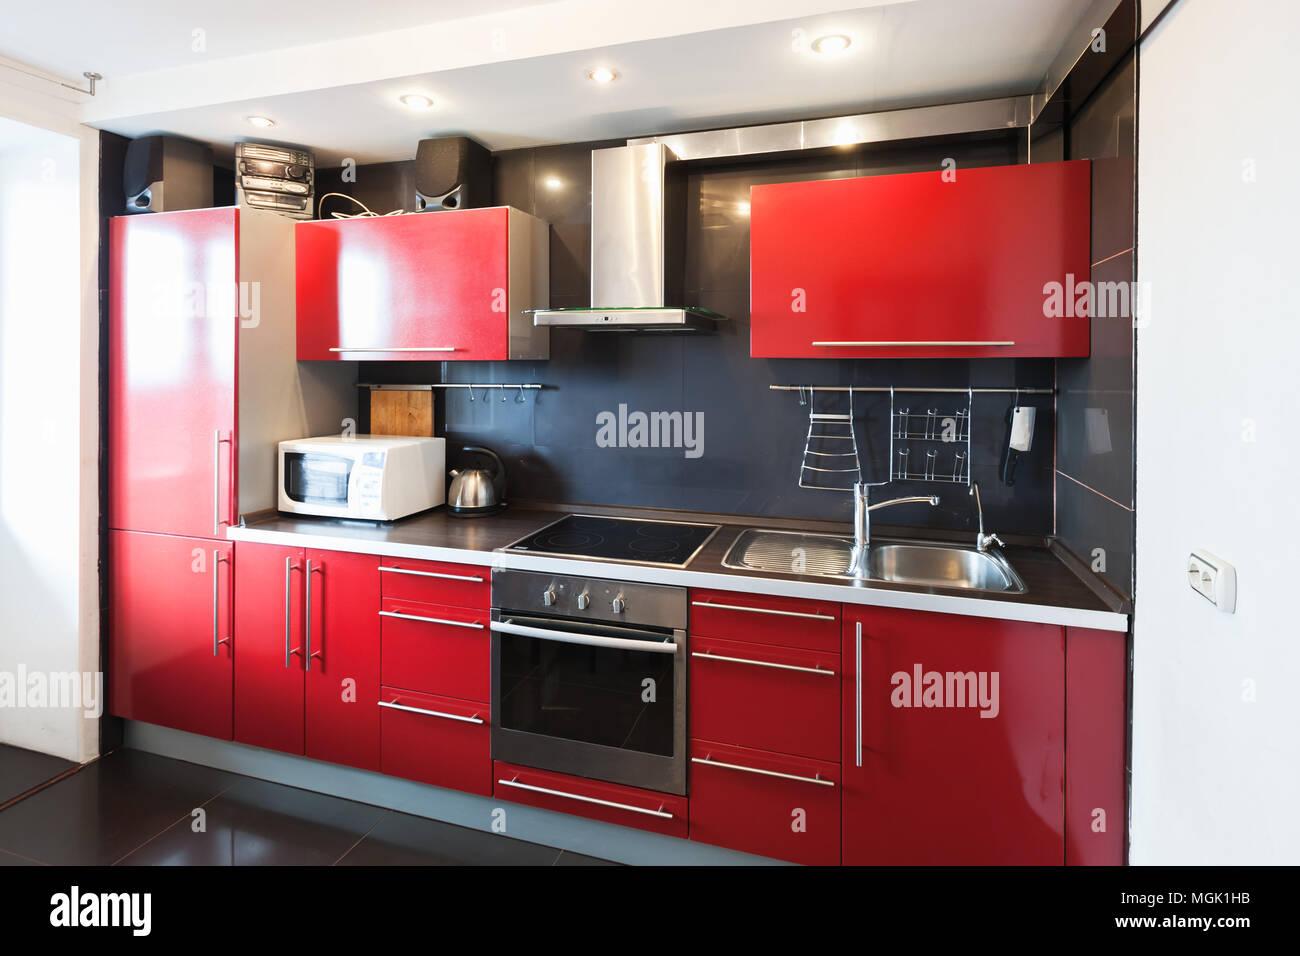 Cocina Moderna Habitacion Interior Negro Rojo Y Diseno En Blanco